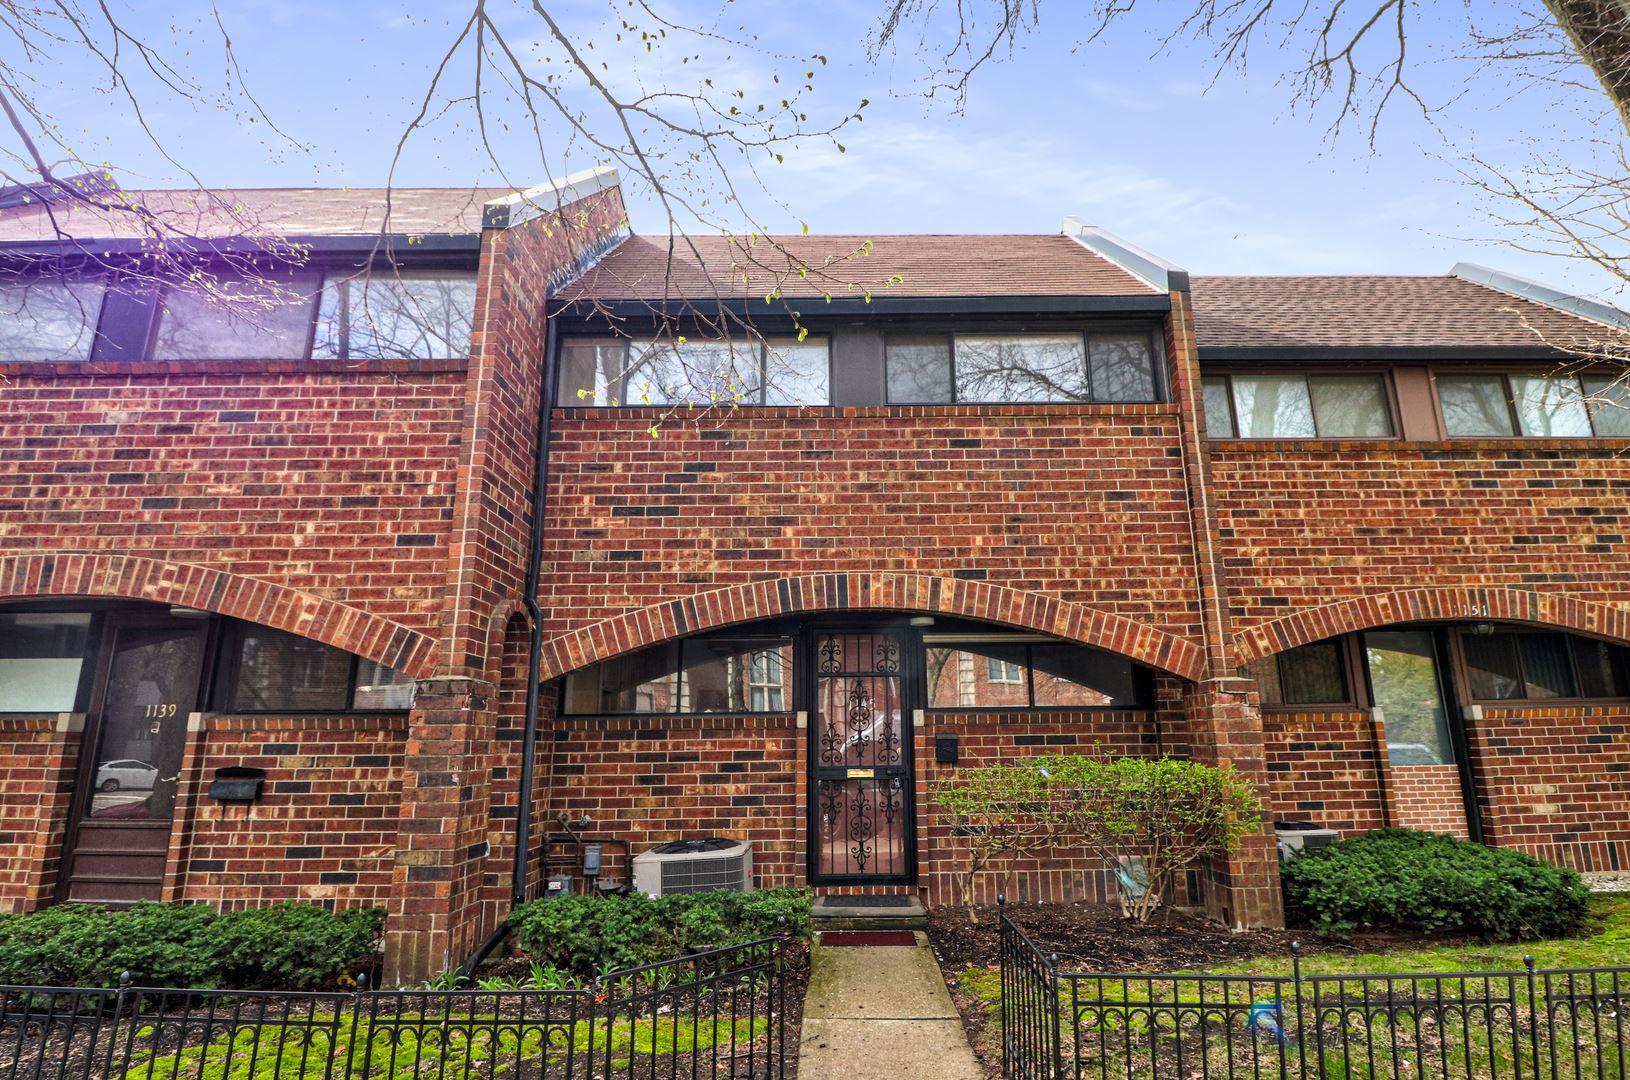 Photo of 1145 W Polk Street, Chicago, IL 60607 (MLS # 11028115)